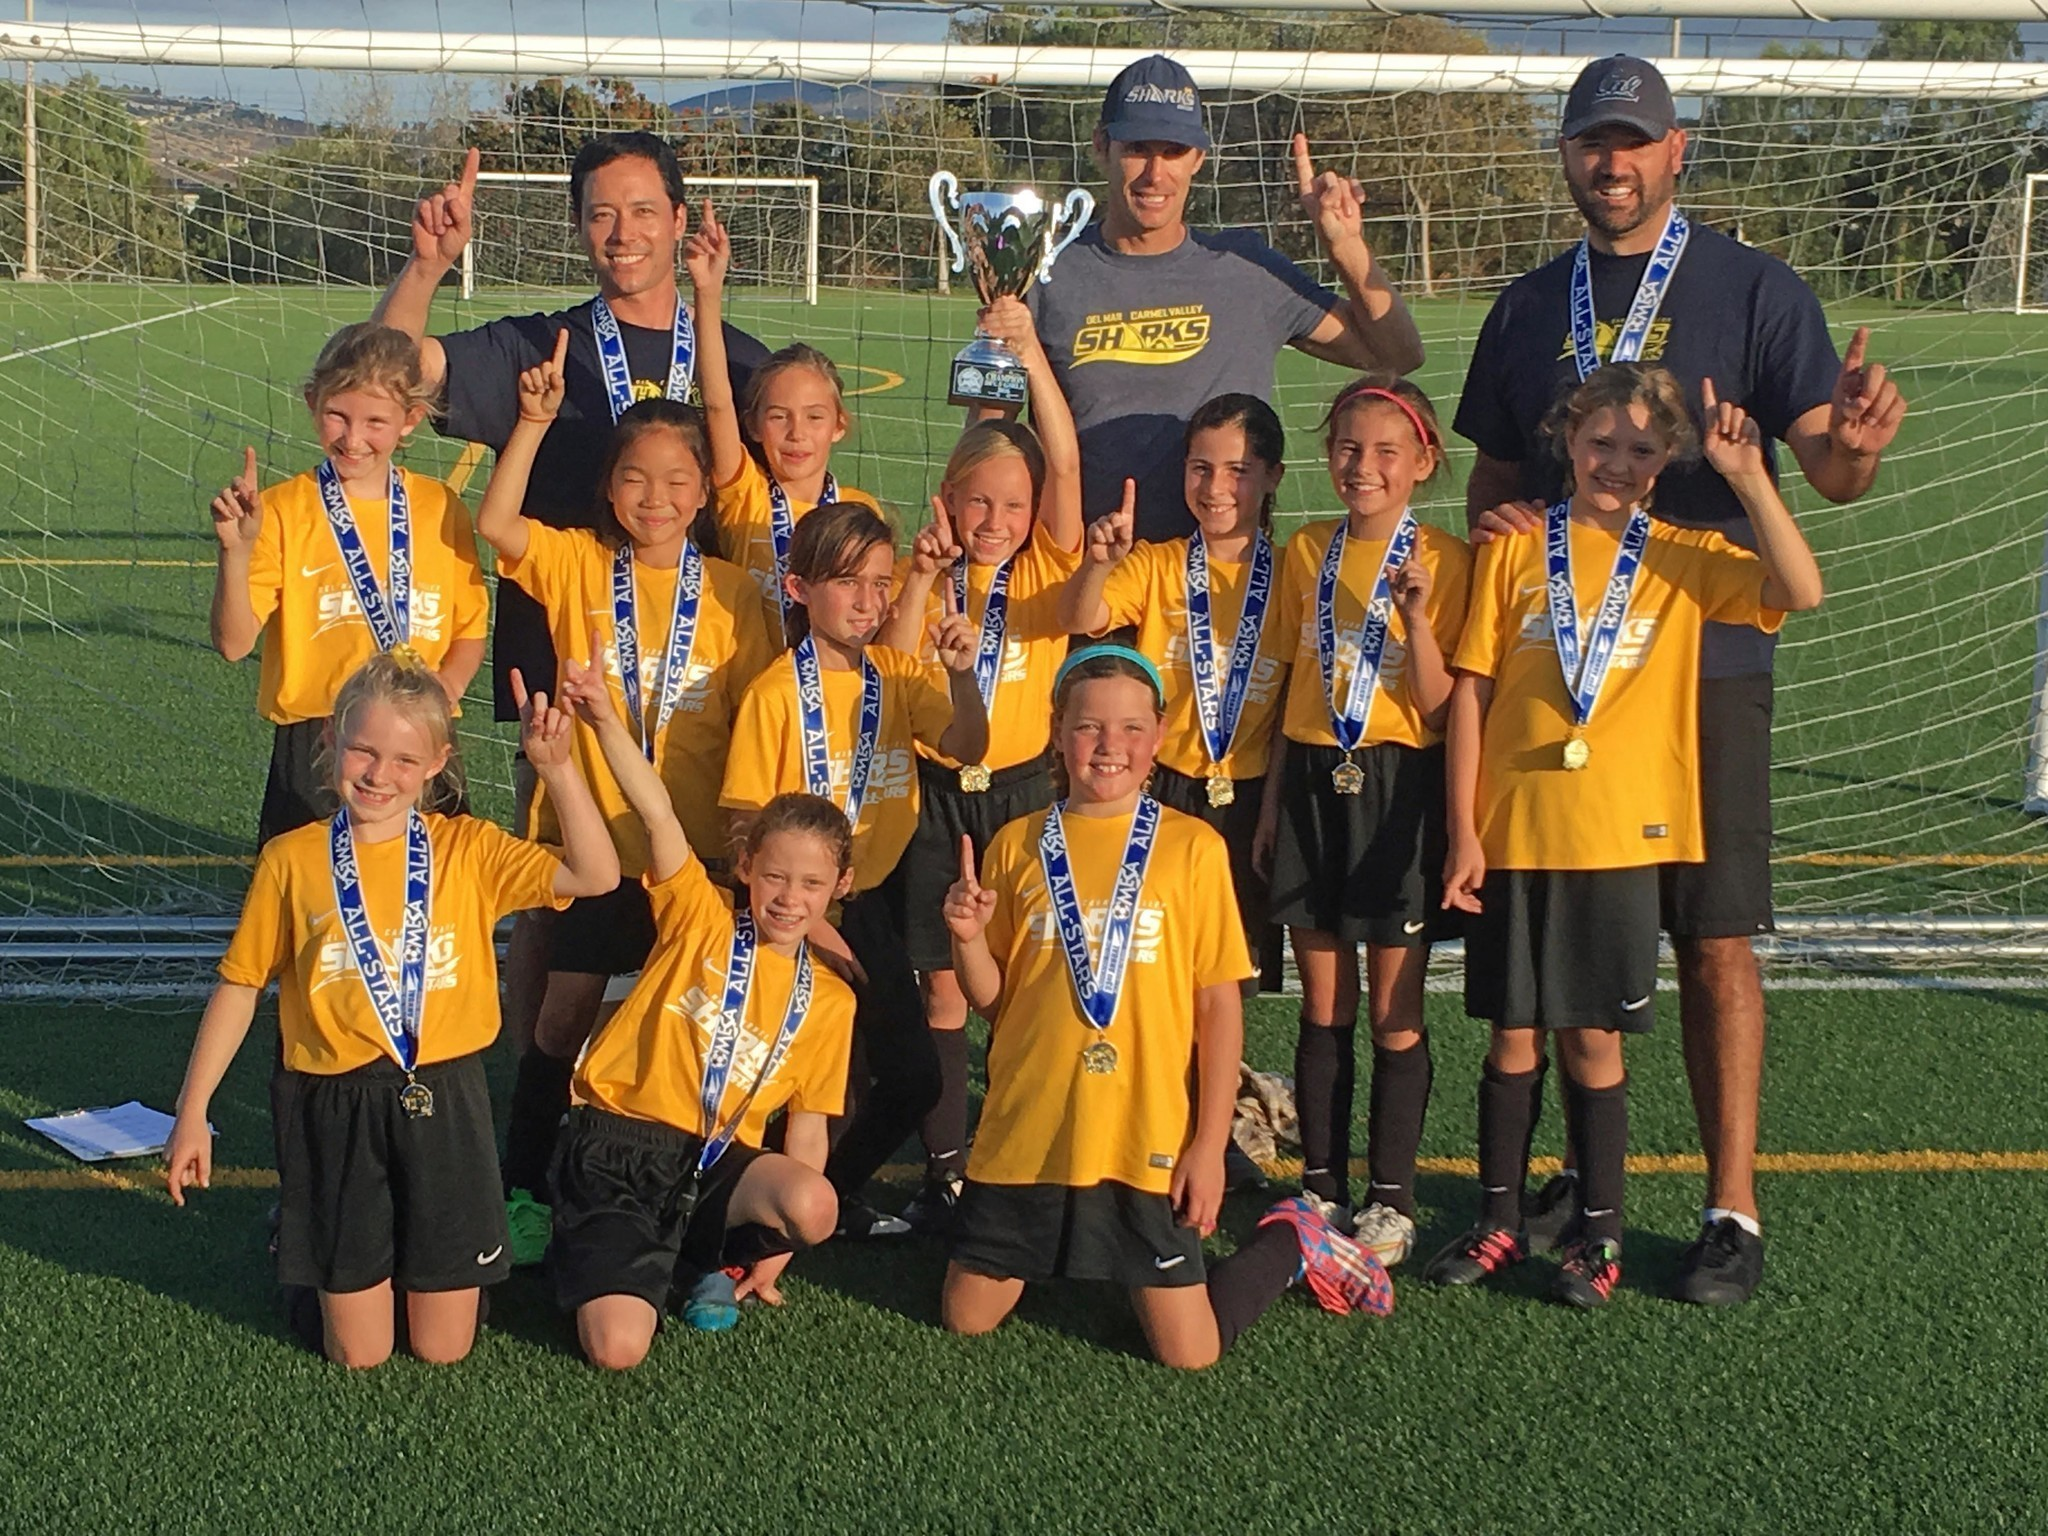 Del Mar Carmel Valley Sharks Gold AllStar team wins Mesa AllStar Soccer Tournament  Del Mar Times